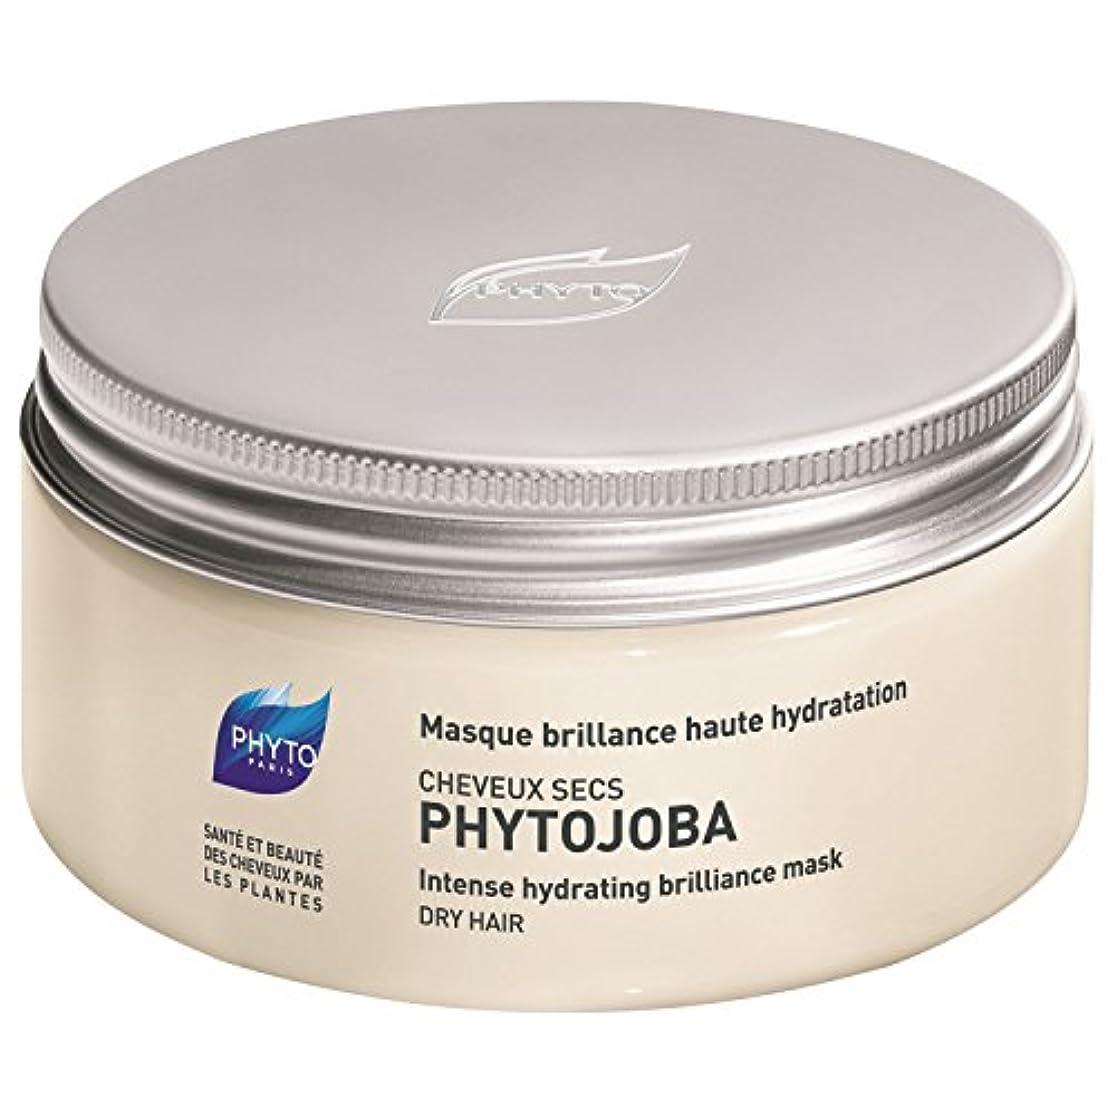 発送社会終わったフィトPhytojoba強烈な水分補給マスク200ミリリットル (Phyto) (x2) - Phyto Phytojoba Intense Hydrating Mask 200ml (Pack of 2) [並行輸入品]